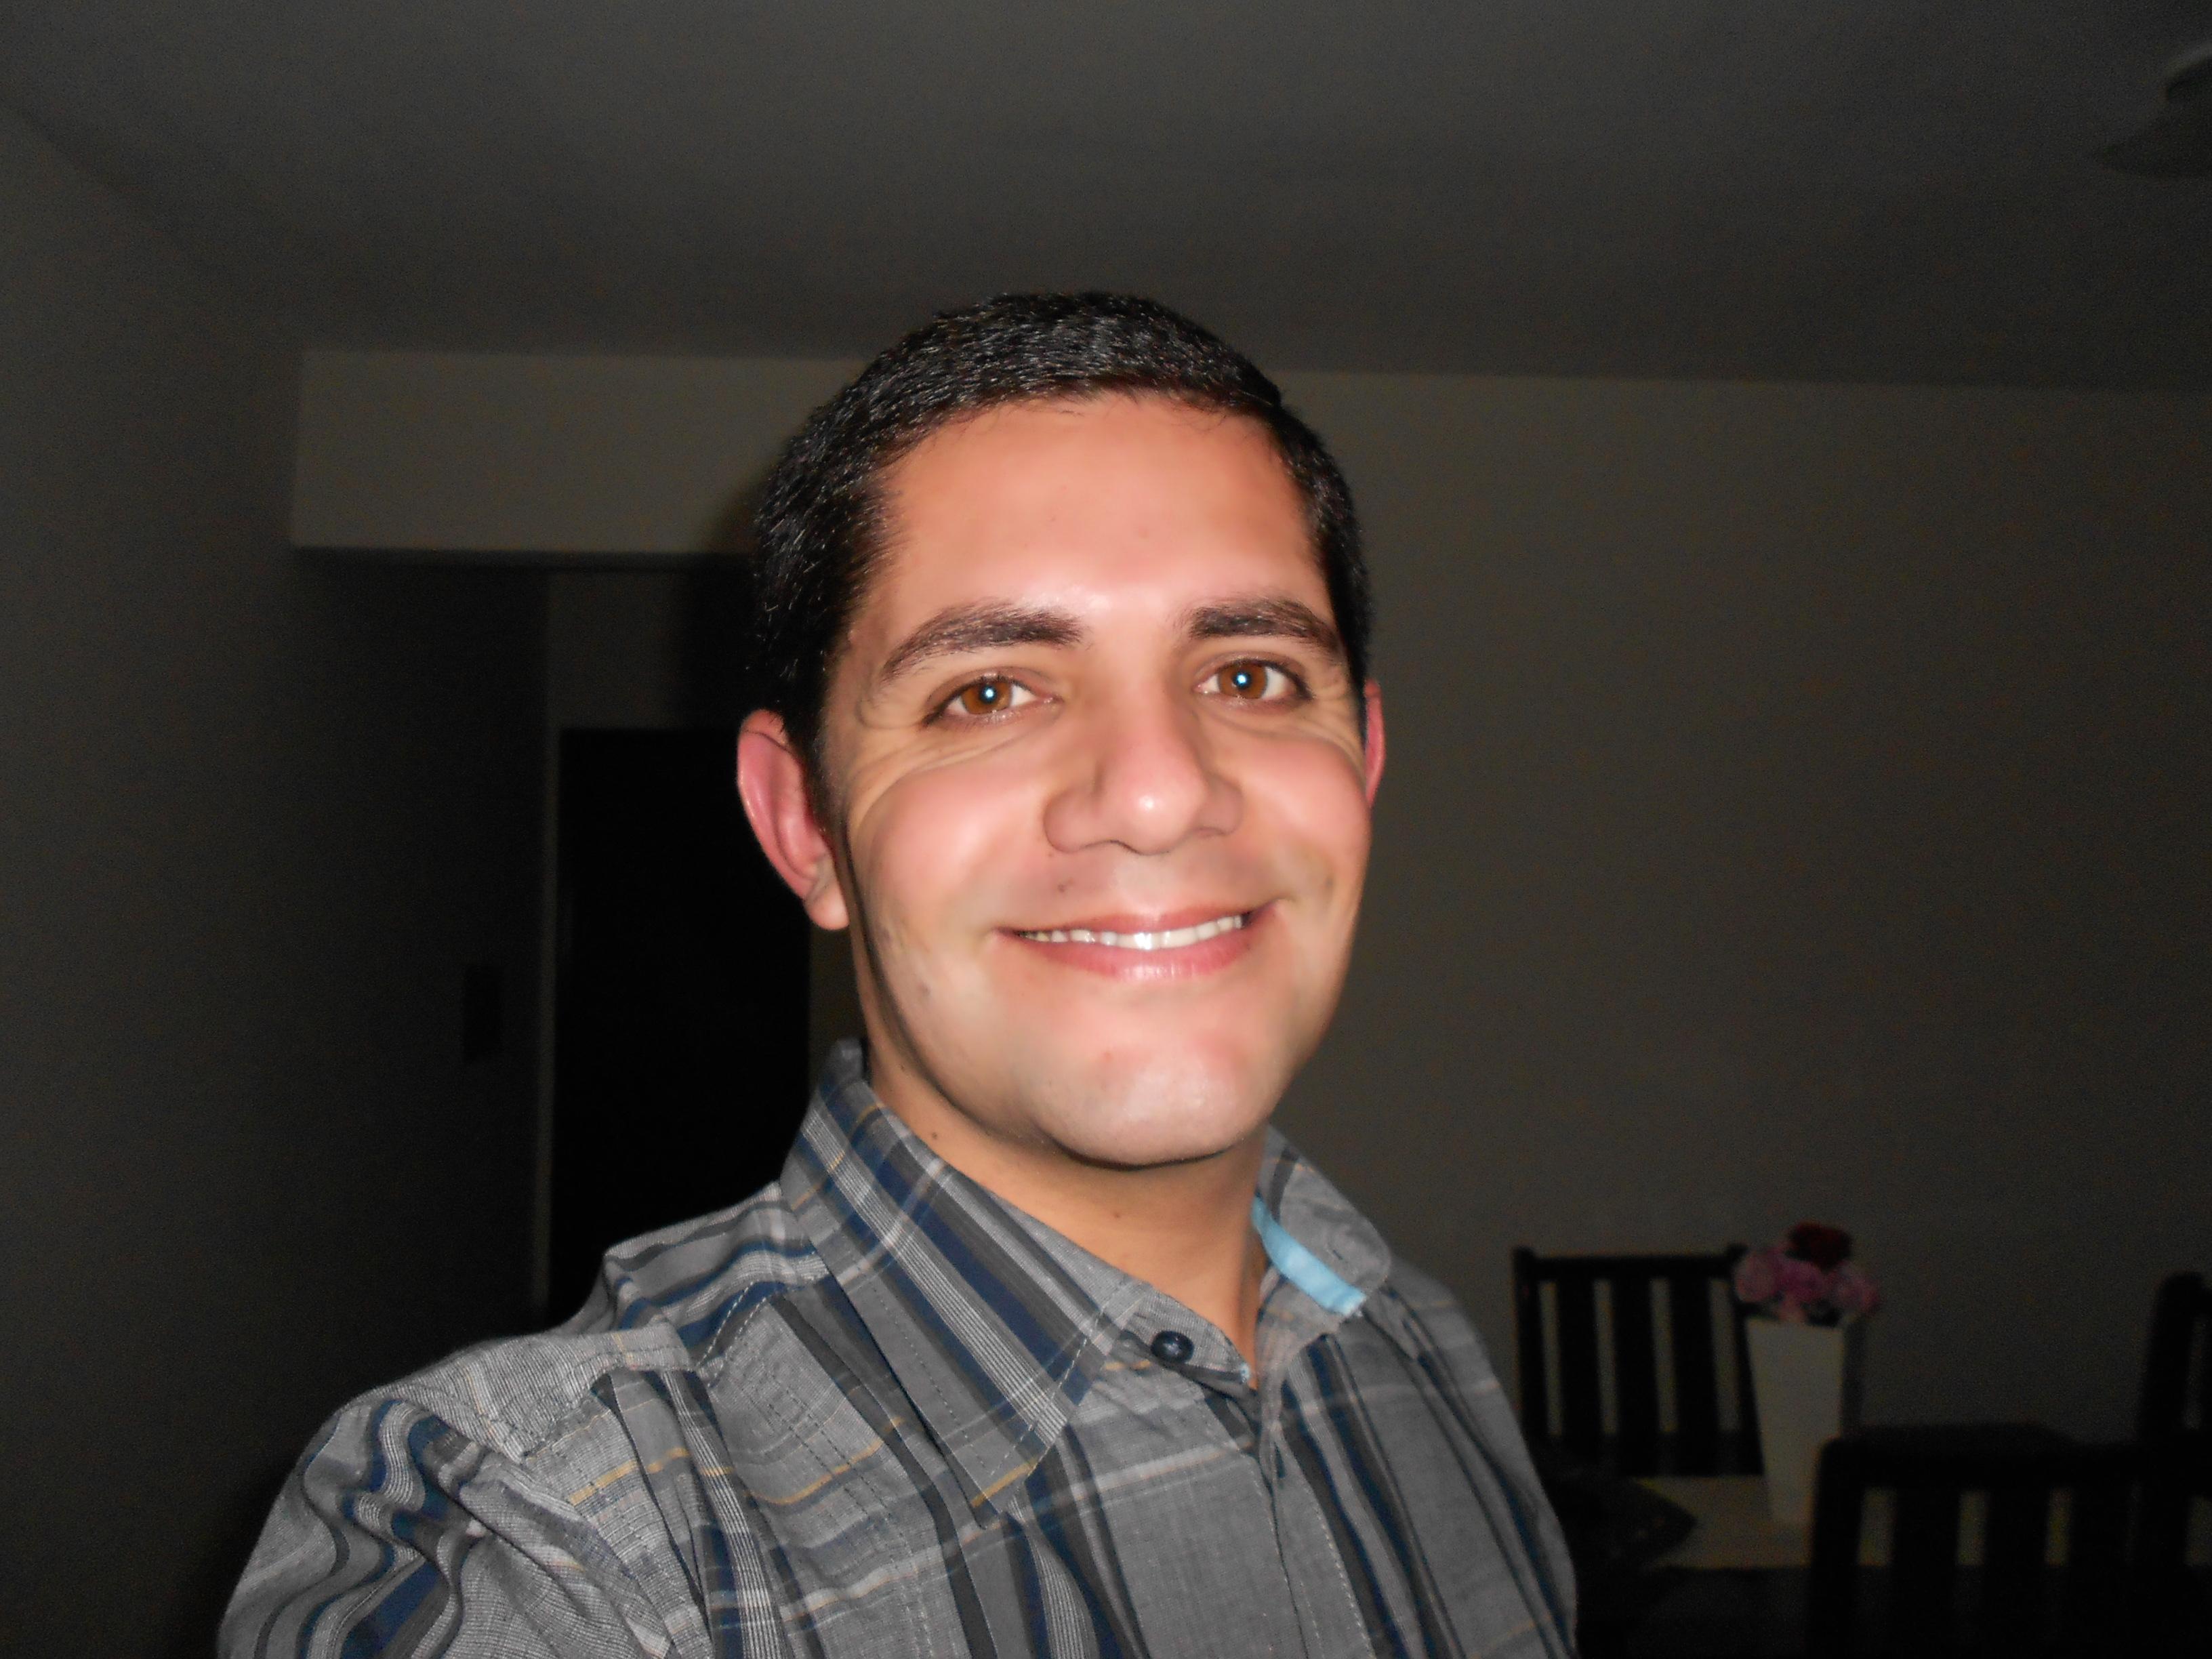 Luiz Claudio - Aprovado no Concurso de Analista em Planejamento, Orçamento Finanças Públicas 2013